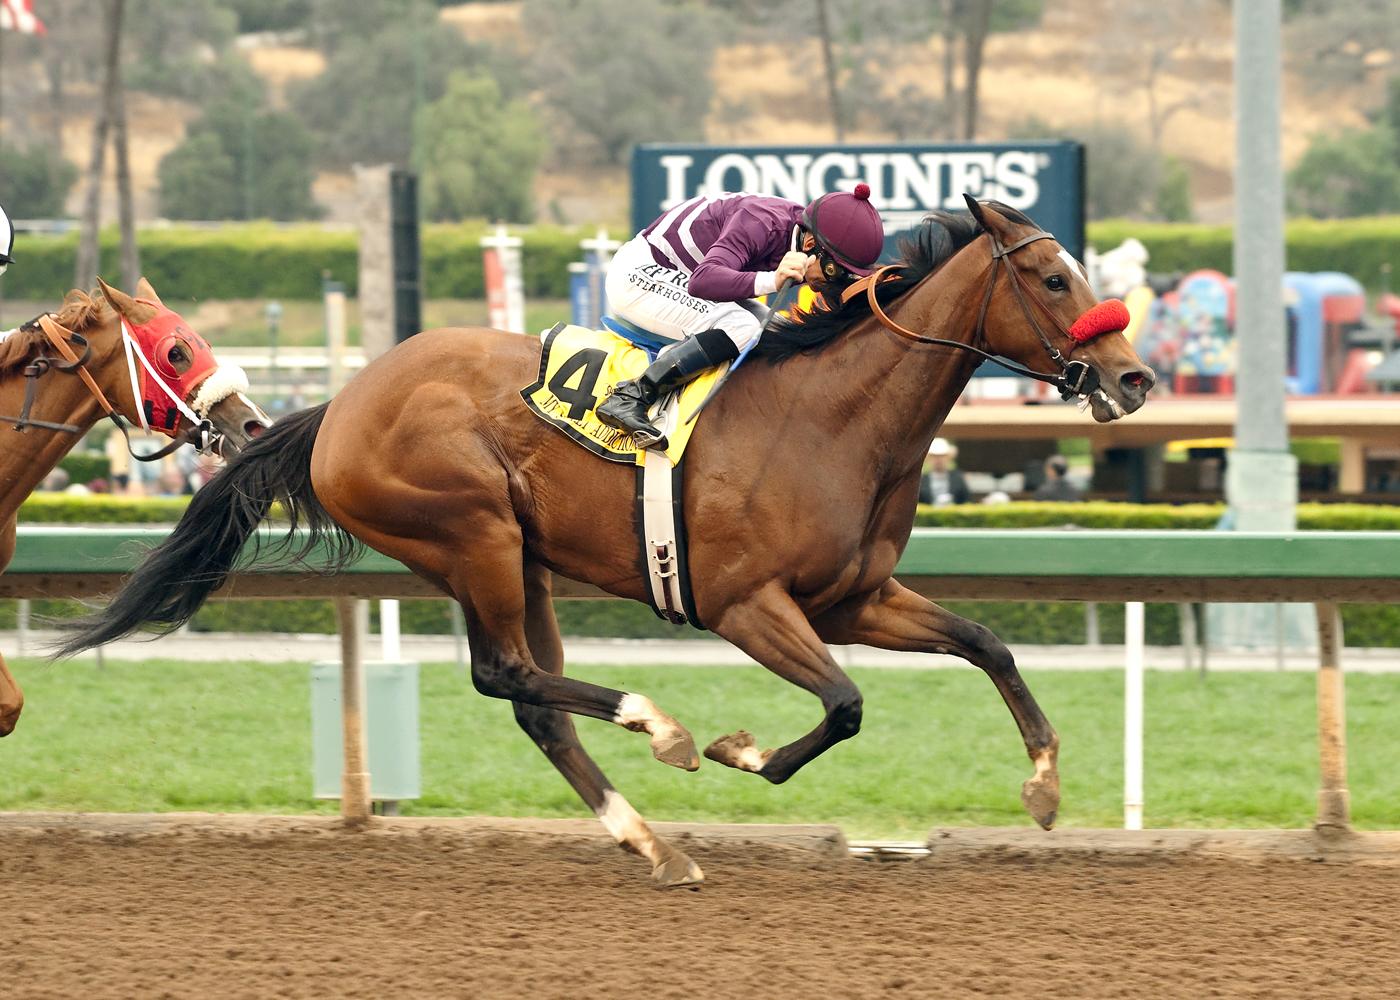 Pamela Ziebarth's My Sweet Addiction and jockey Mike Smith win the Grade I $300,000 Vanity Stakes Saturday, May 9, 2015 at Santa Anita Park, in Arcadia, Calif. (Benoit Photo via AP) NO SALES